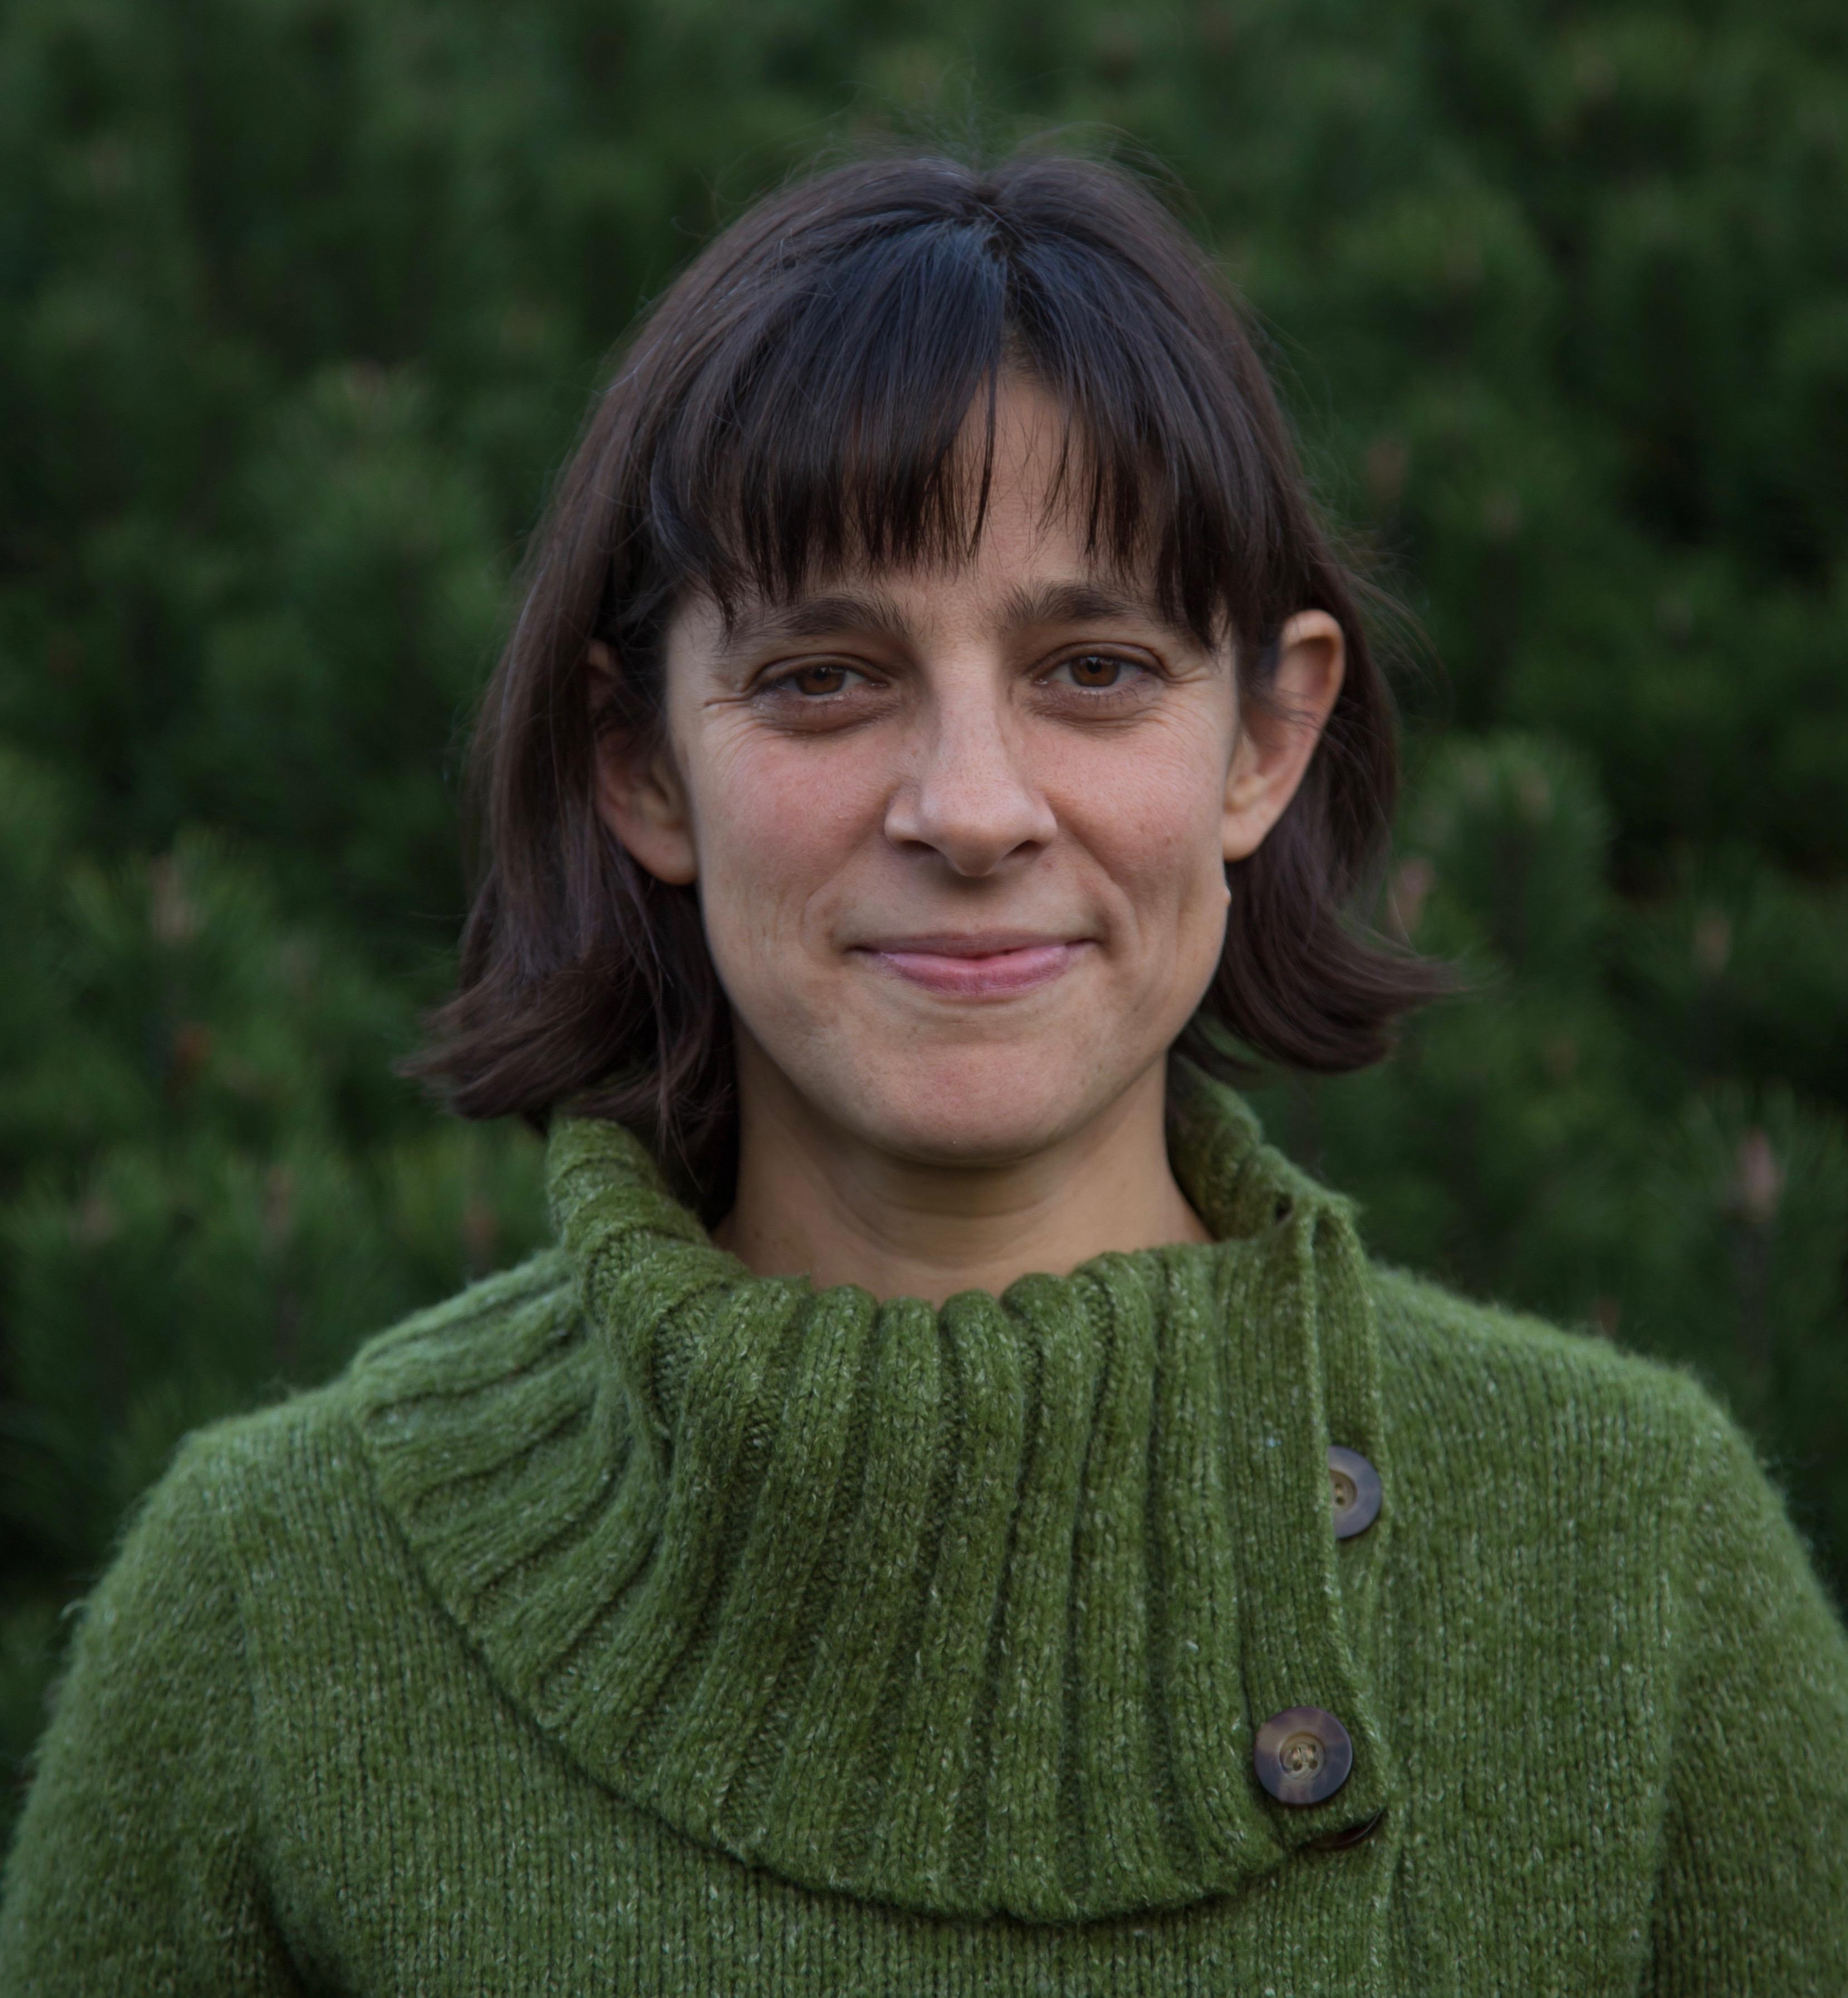 Sarah Carl, LMT